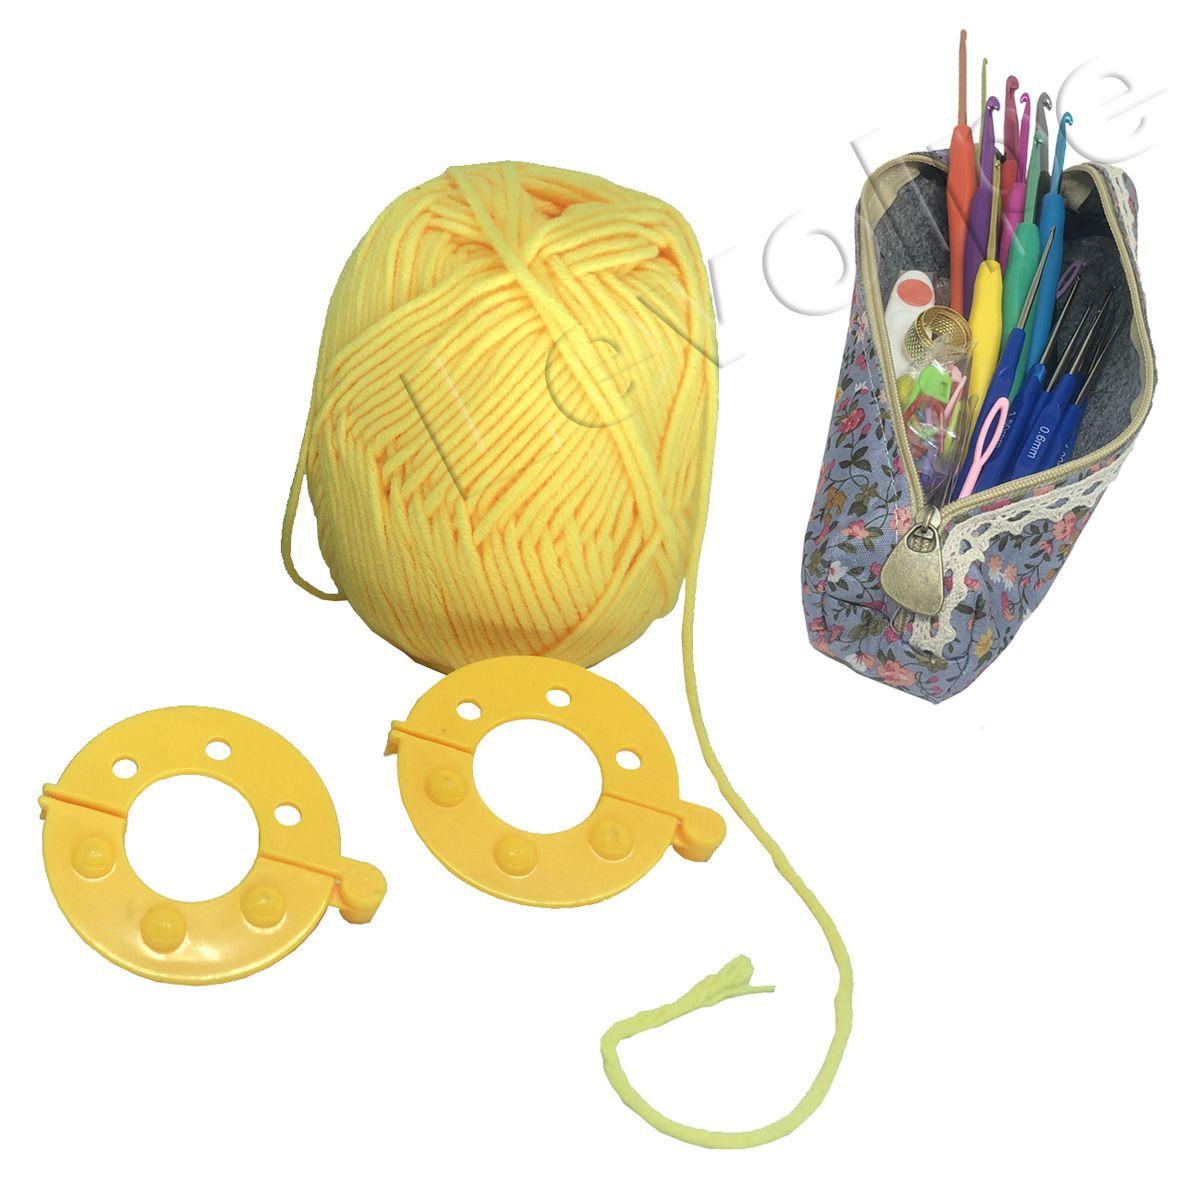 Kit Crochê Premium 16 Agulhas Com Acessórios + Estojo